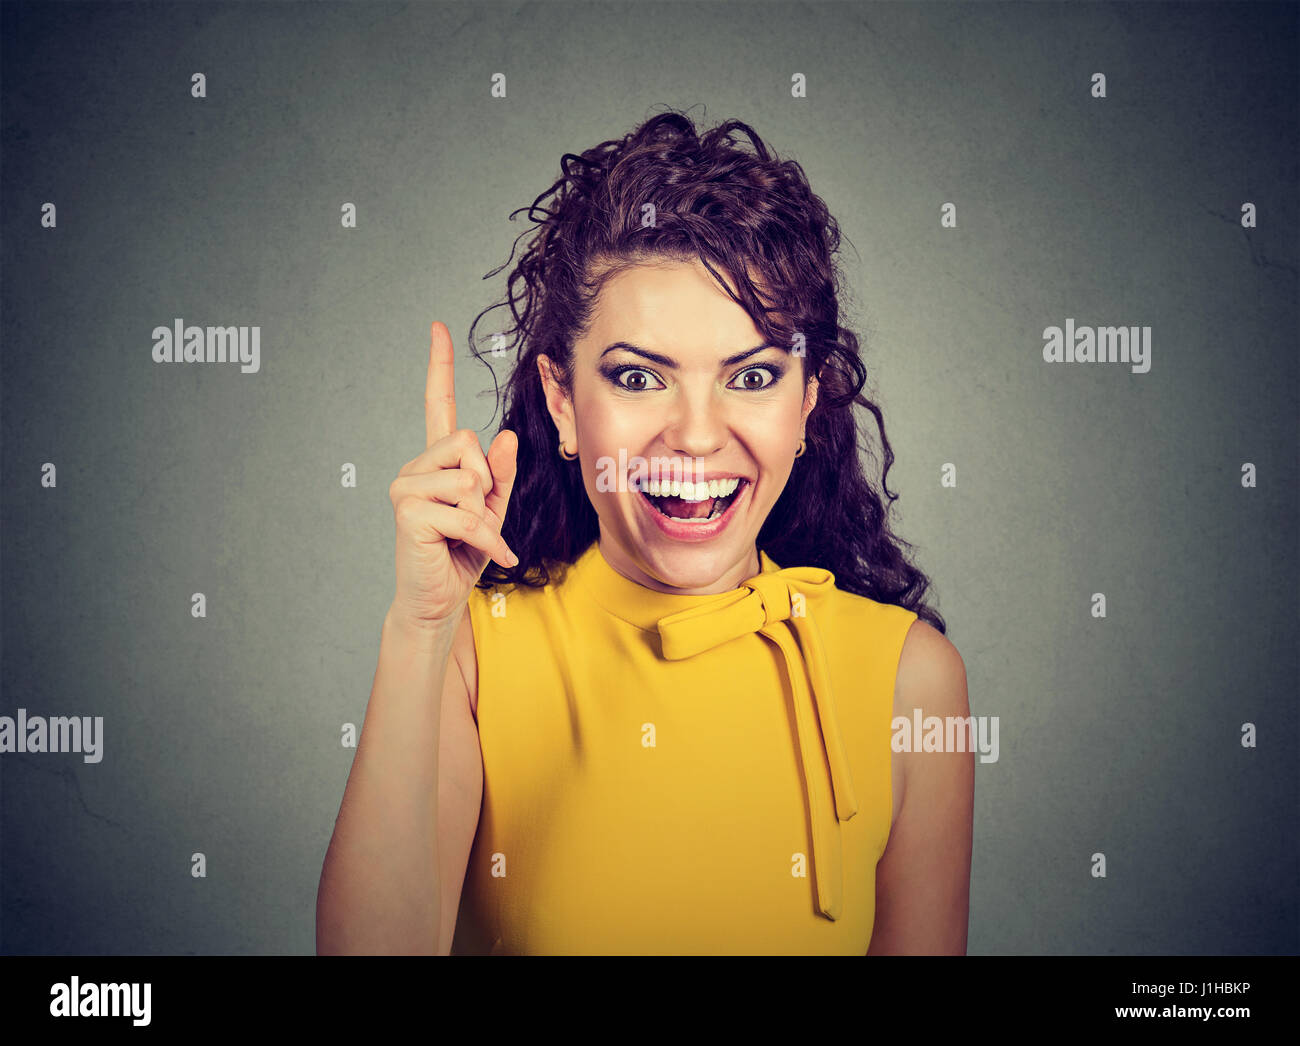 Jolie femme doigt jusqu'a une idée Photo Stock